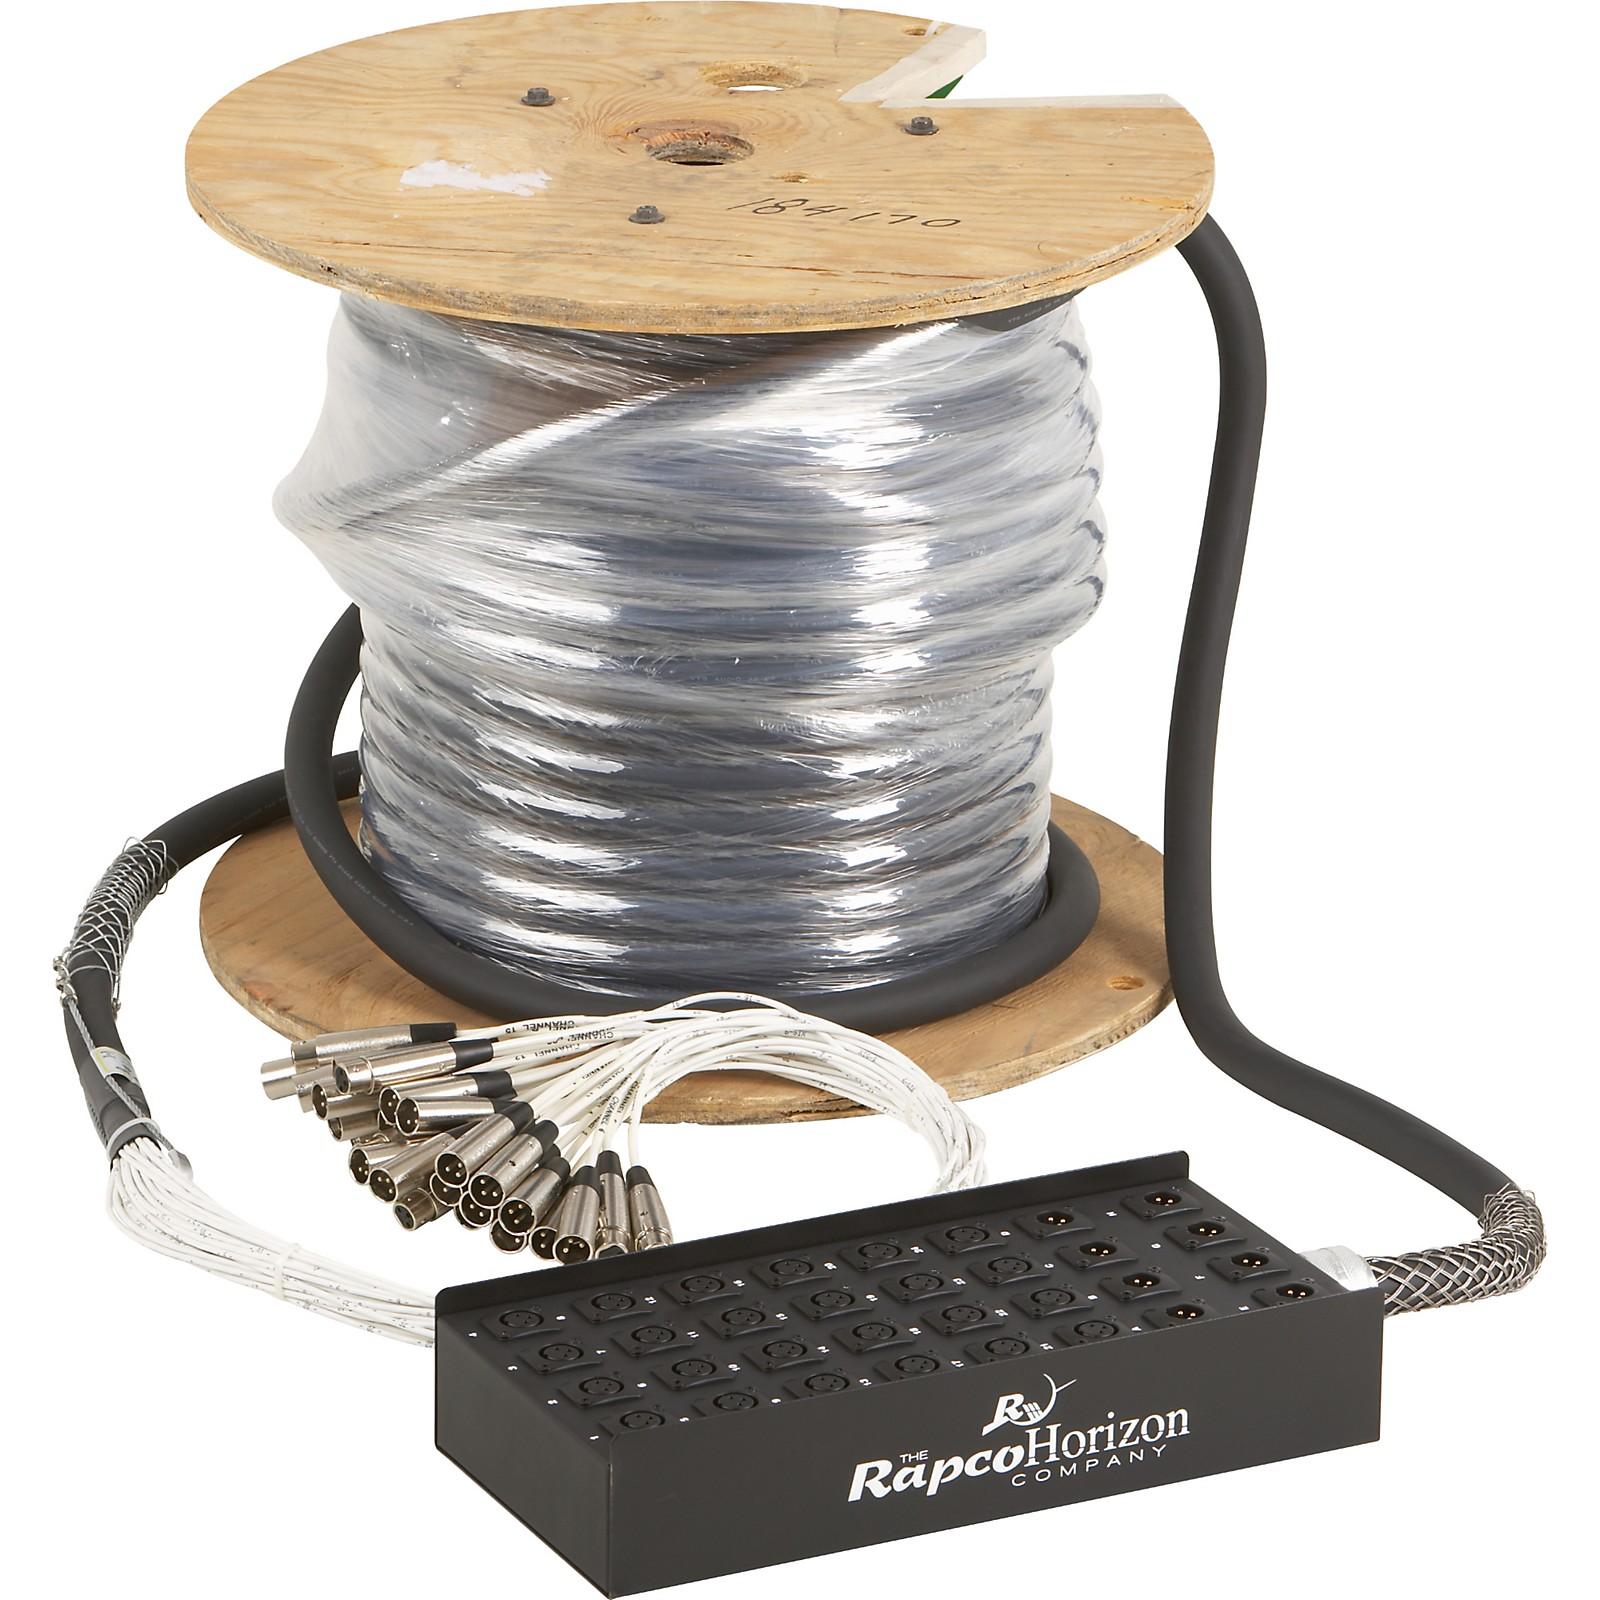 Rapco Horizon 24X8 XLR Fan-Box Snake